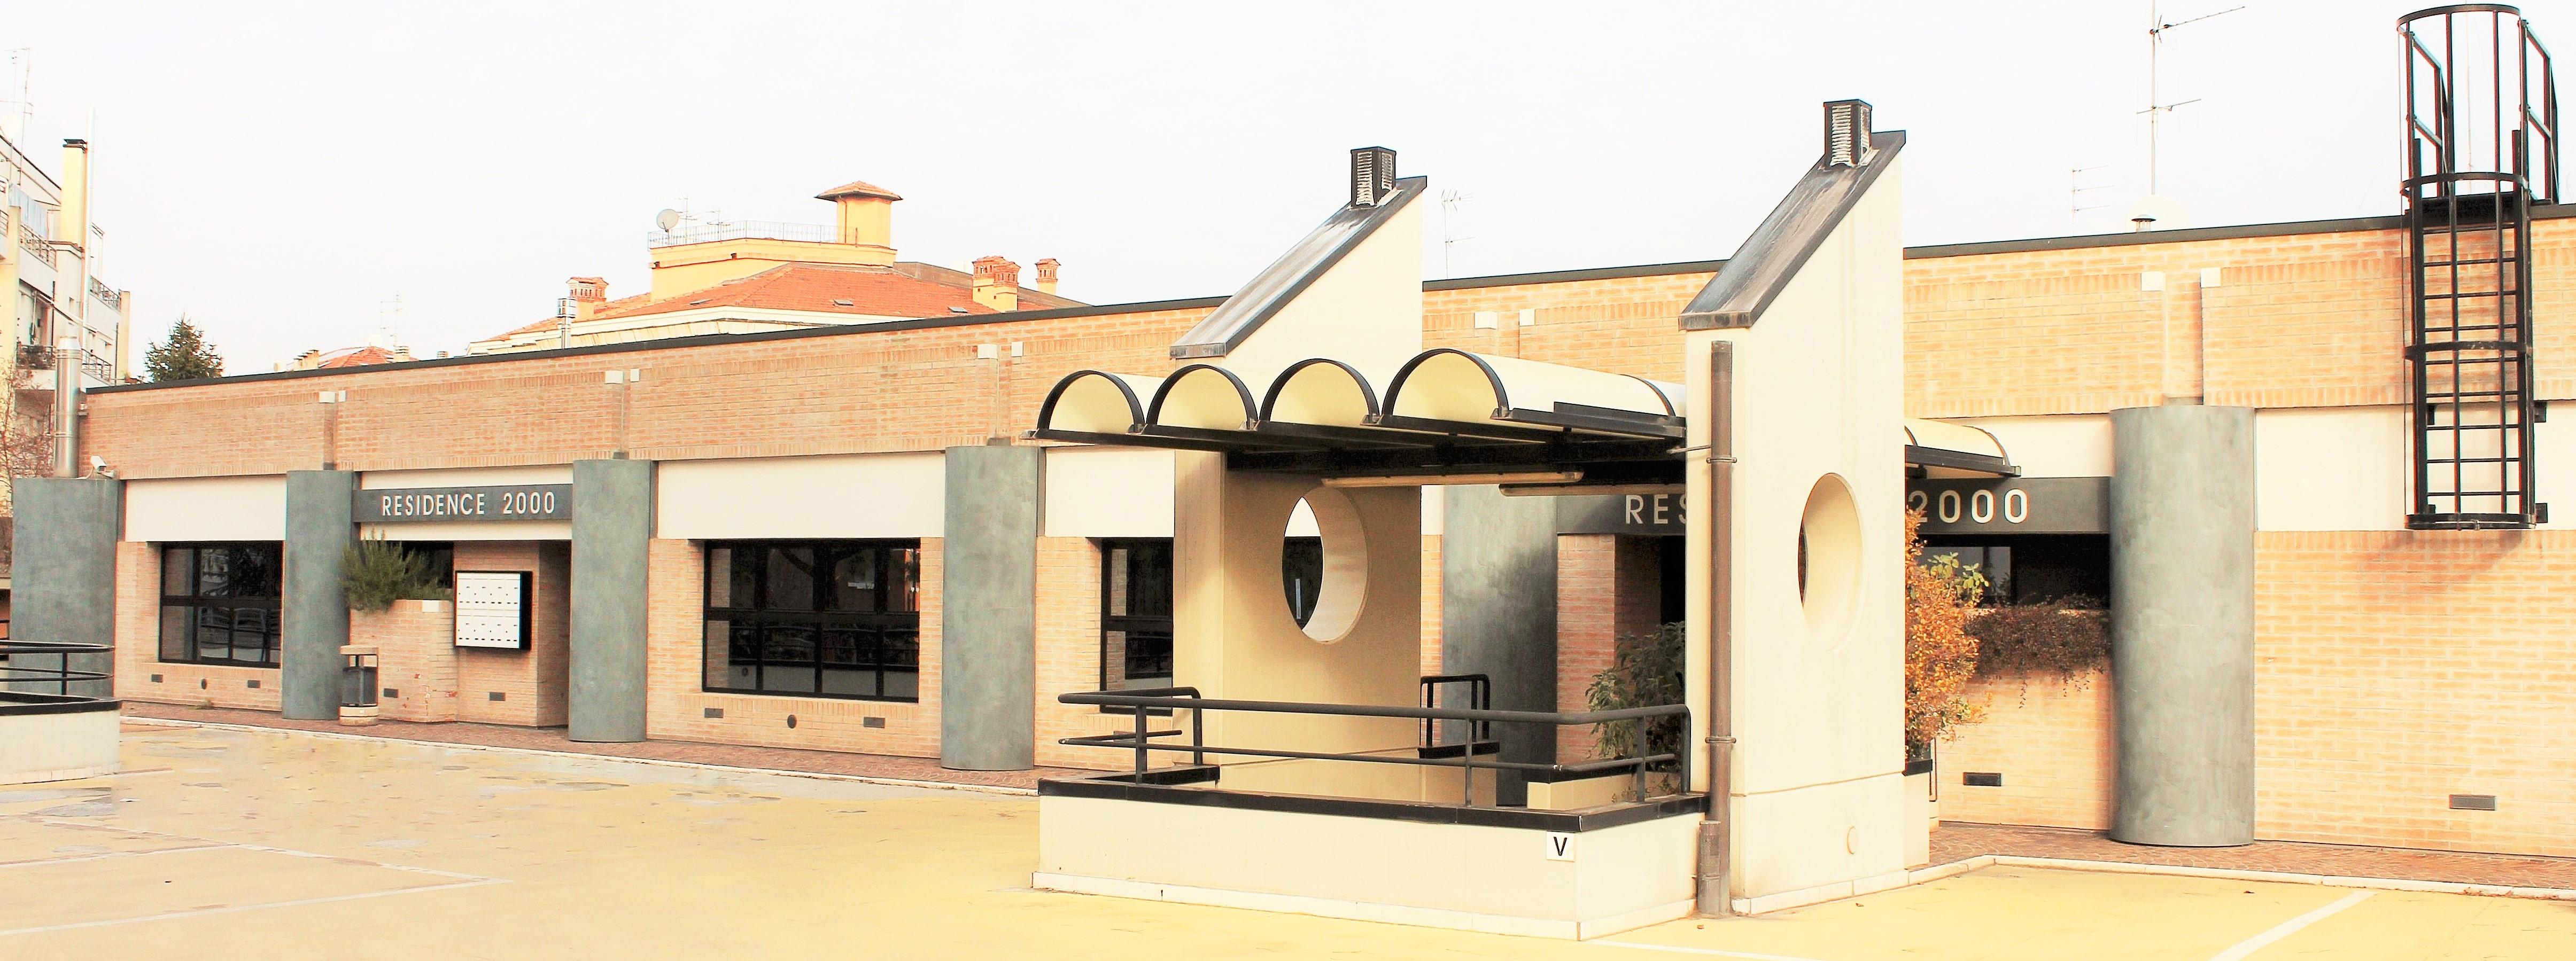 Residence 2000 forl monolocali e bilocali arredati in for Monolocali arredati in affitto